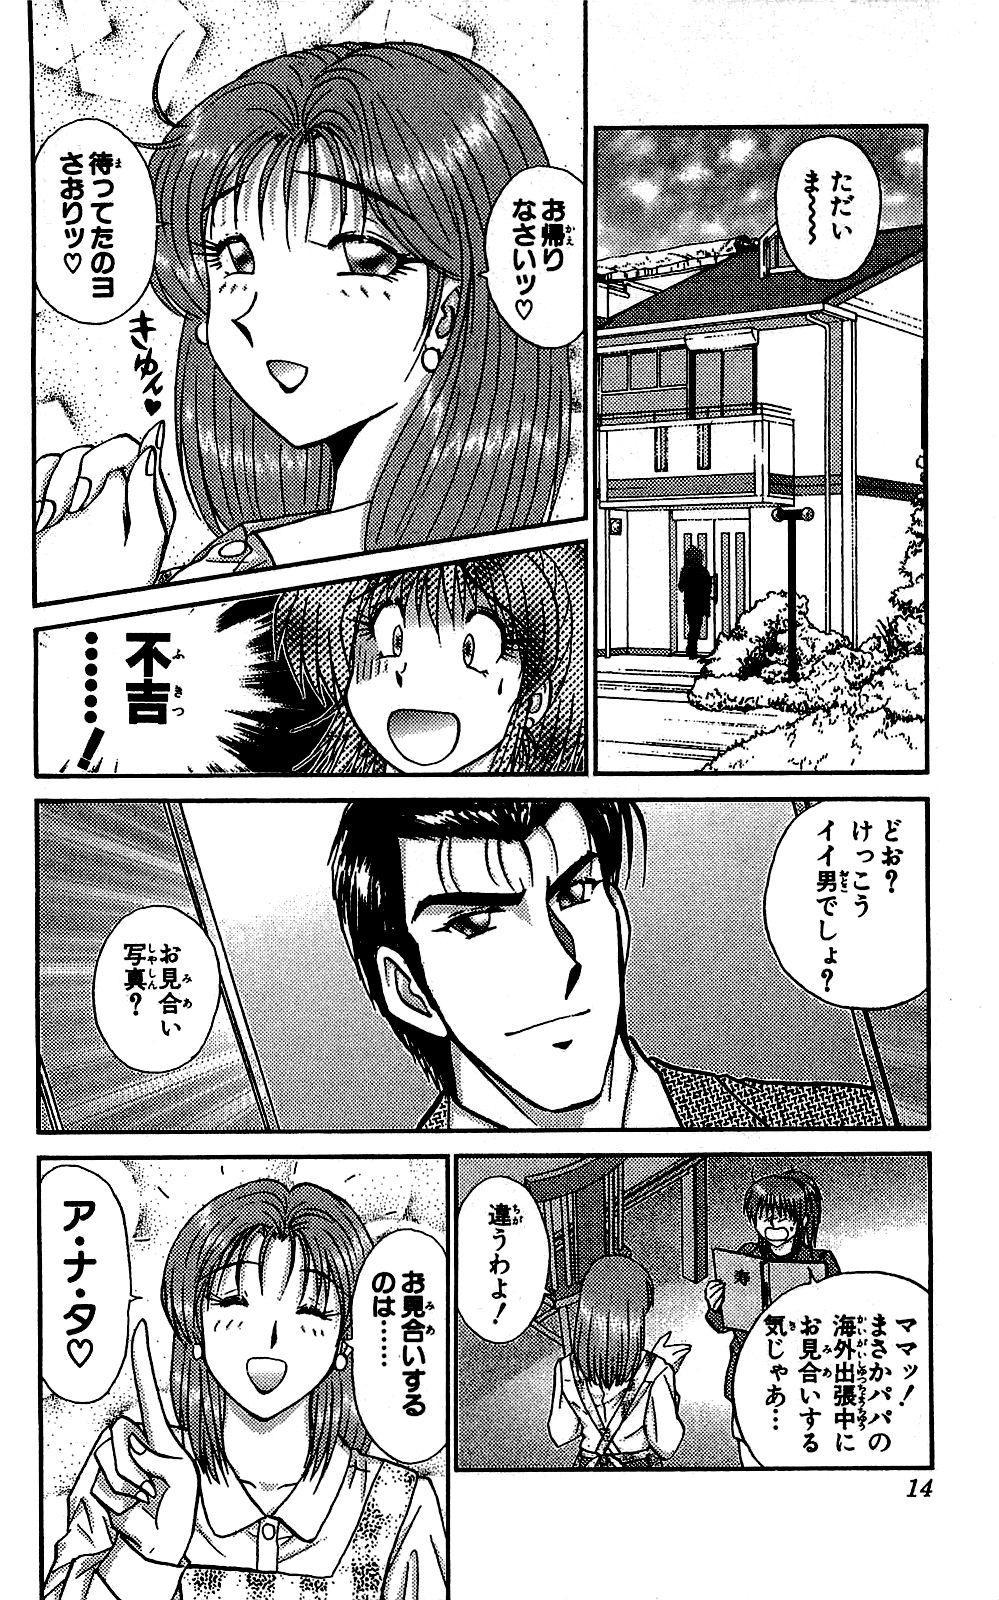 Miracle Make Yuuji 14